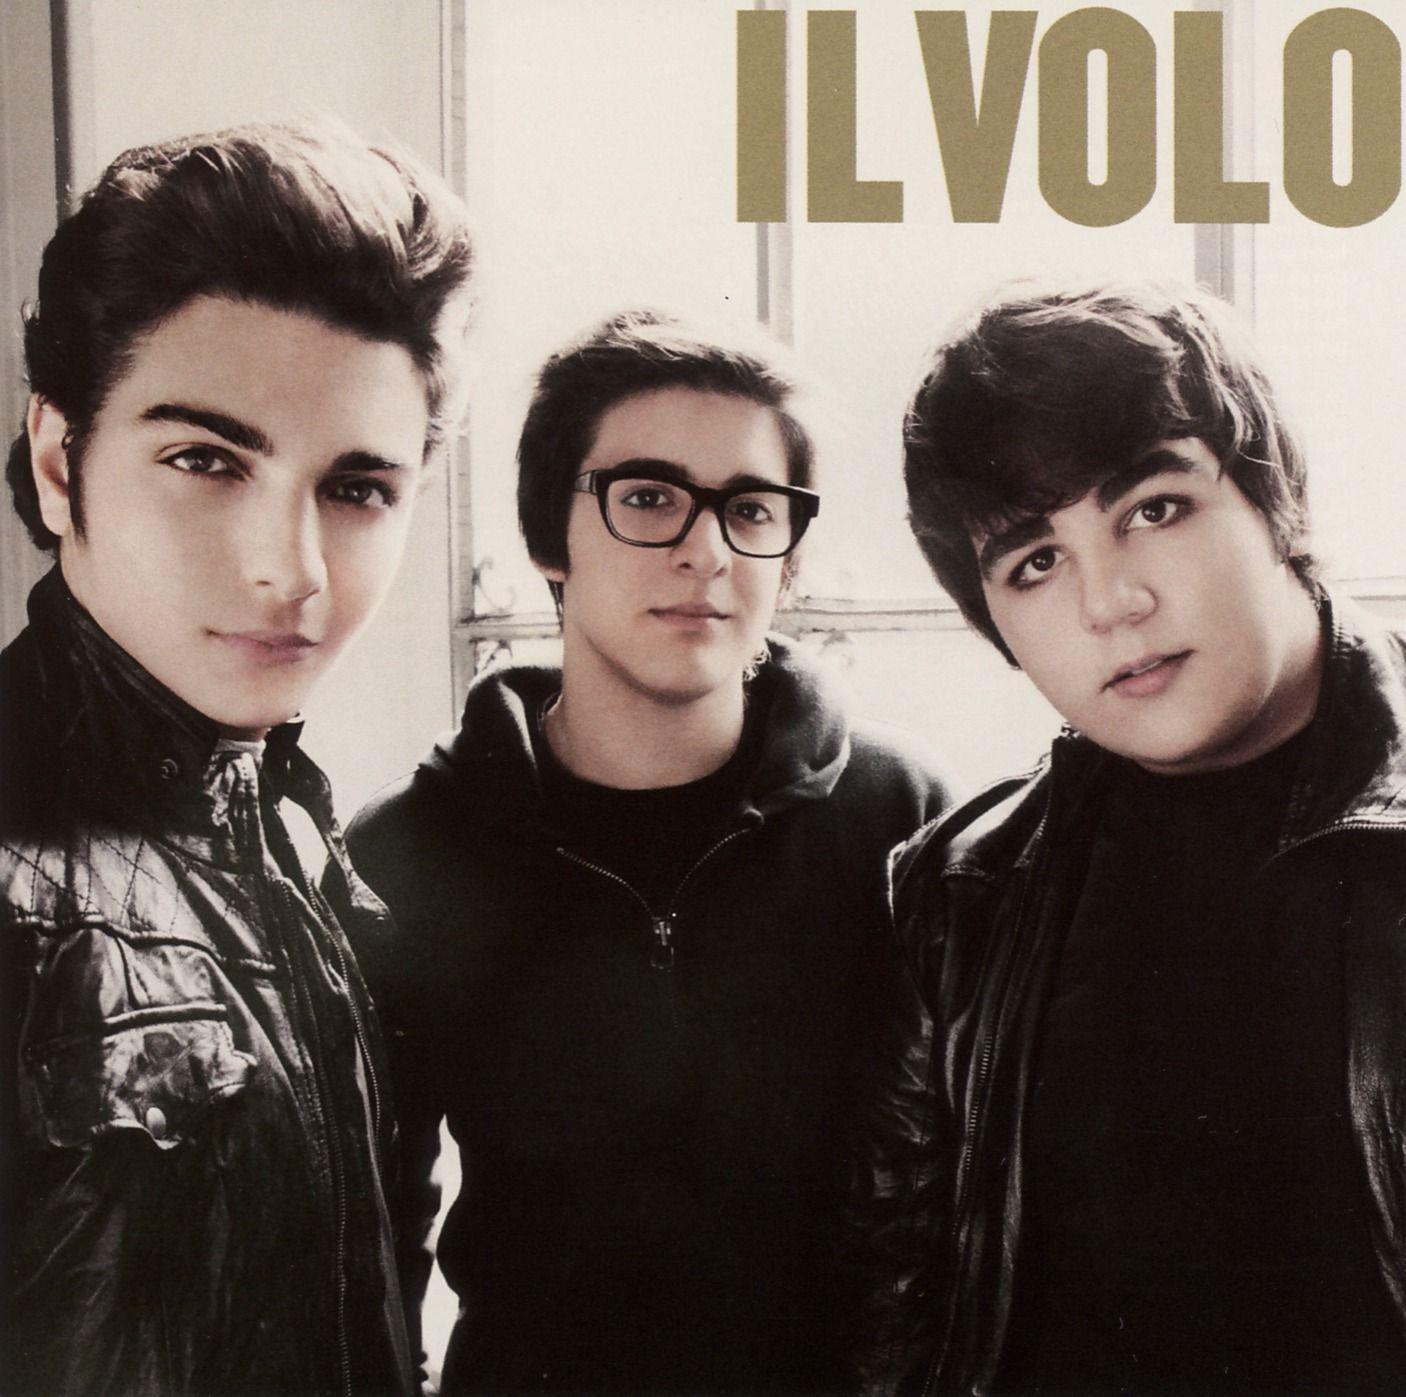 Il Volo - Il Volo album cover